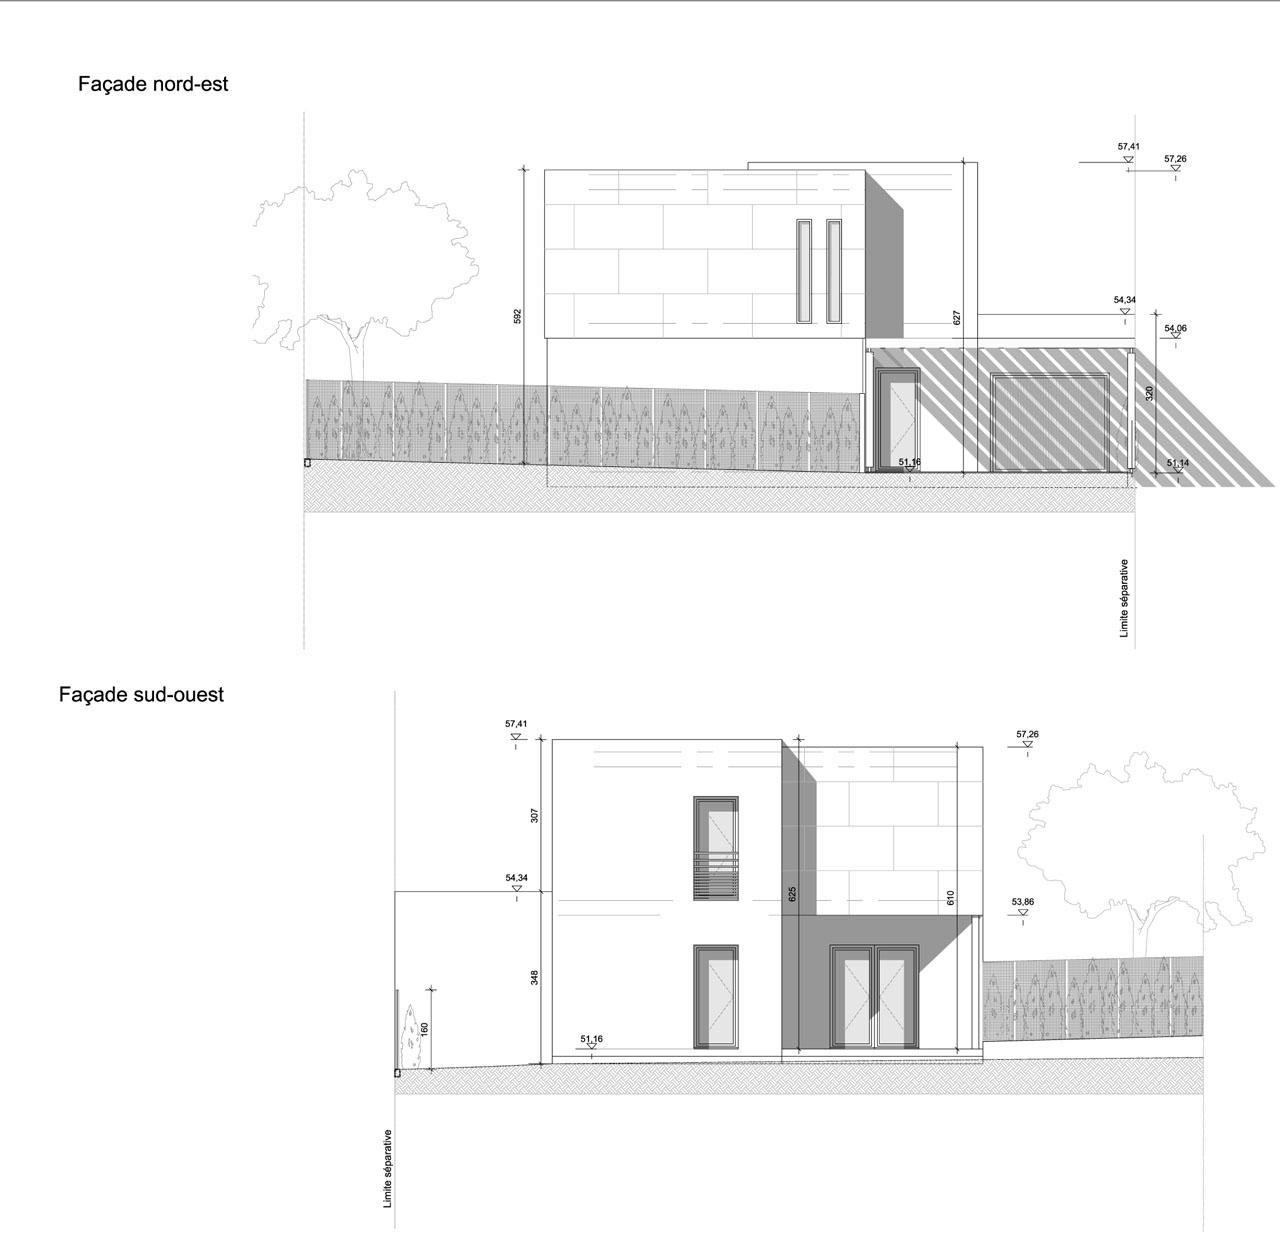 maison bbc e lhenry architecture. Black Bedroom Furniture Sets. Home Design Ideas